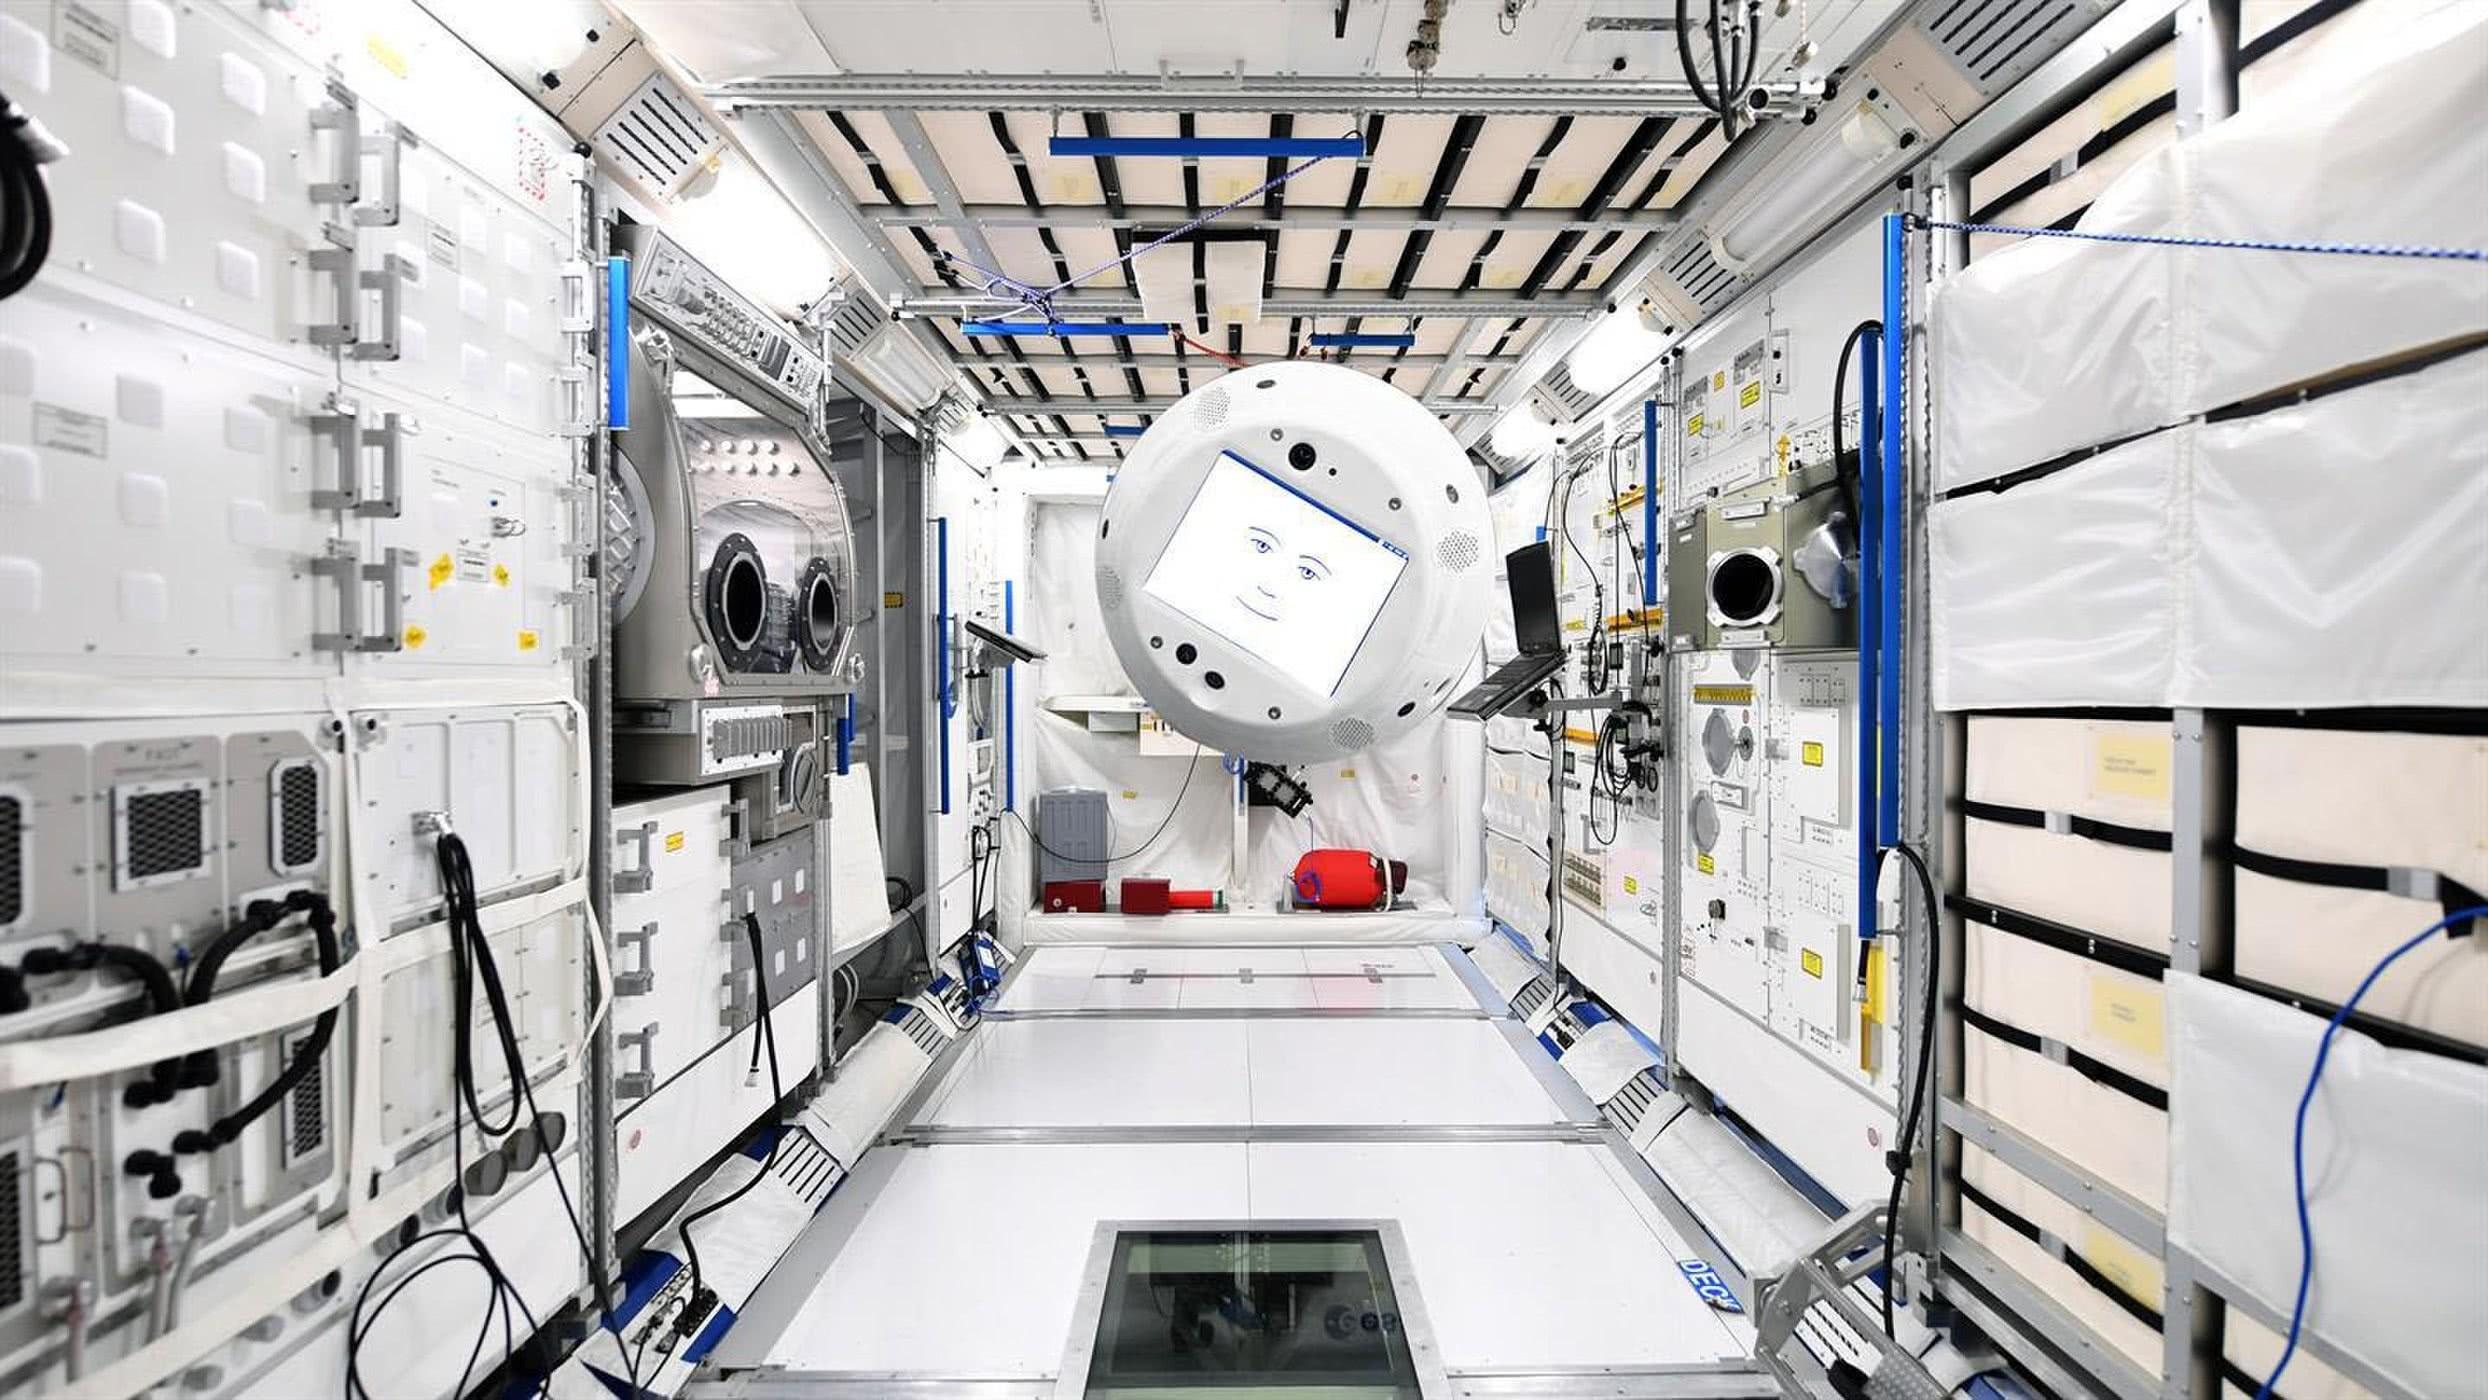 Space X派机器人船员进入空间站 科幻片场景成真